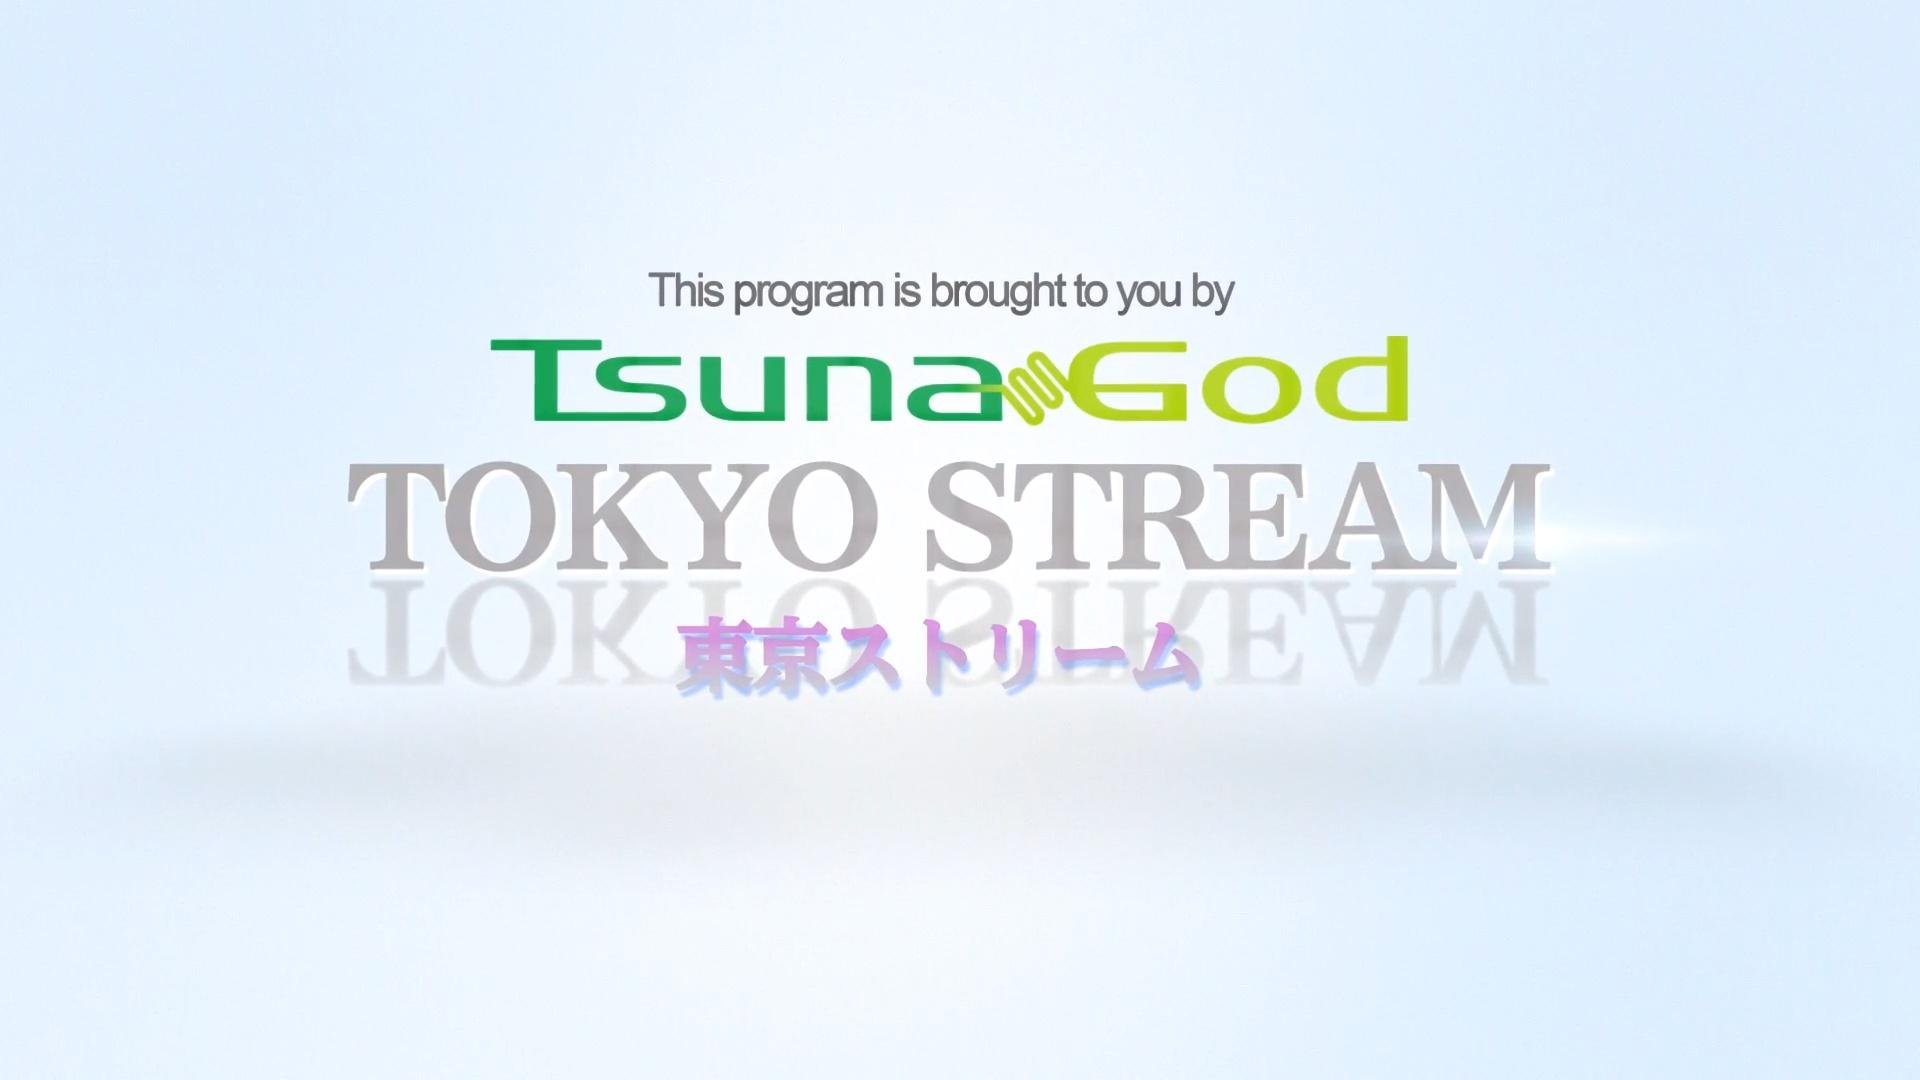 """東京ストリーム"""" Tokyo Rainbow Nuts """"デザインコンペティション&授賞式"""